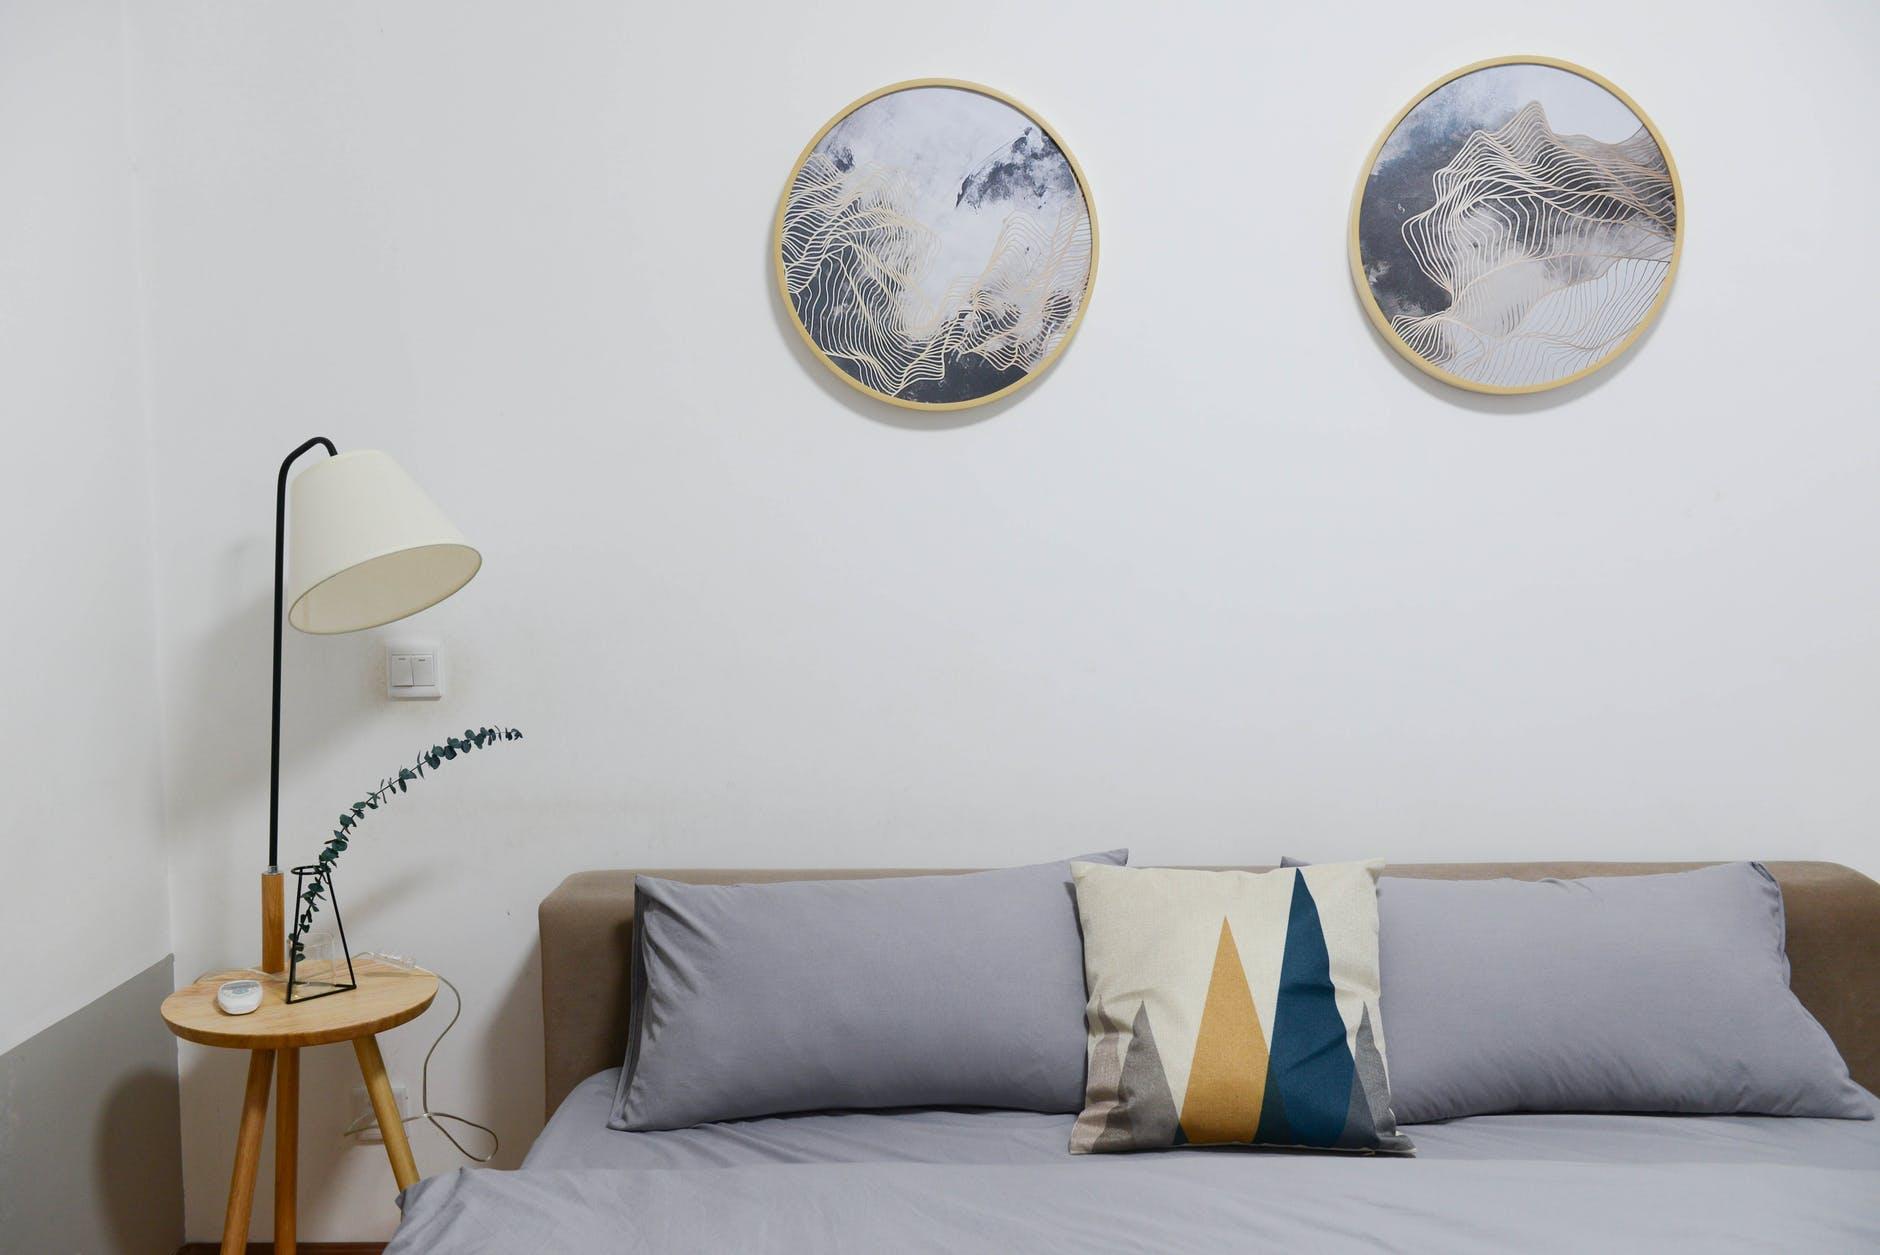 Questa scelta estetica si può immaginare per ogni tipo di metratura, dalle stanze più ampie a piccole camere da letto.anche perché arredi su misura, soluzioni. Arredare Camera Da Letto Idee Per Stanze Piccole E Grandi Prezzi Ristrutturare